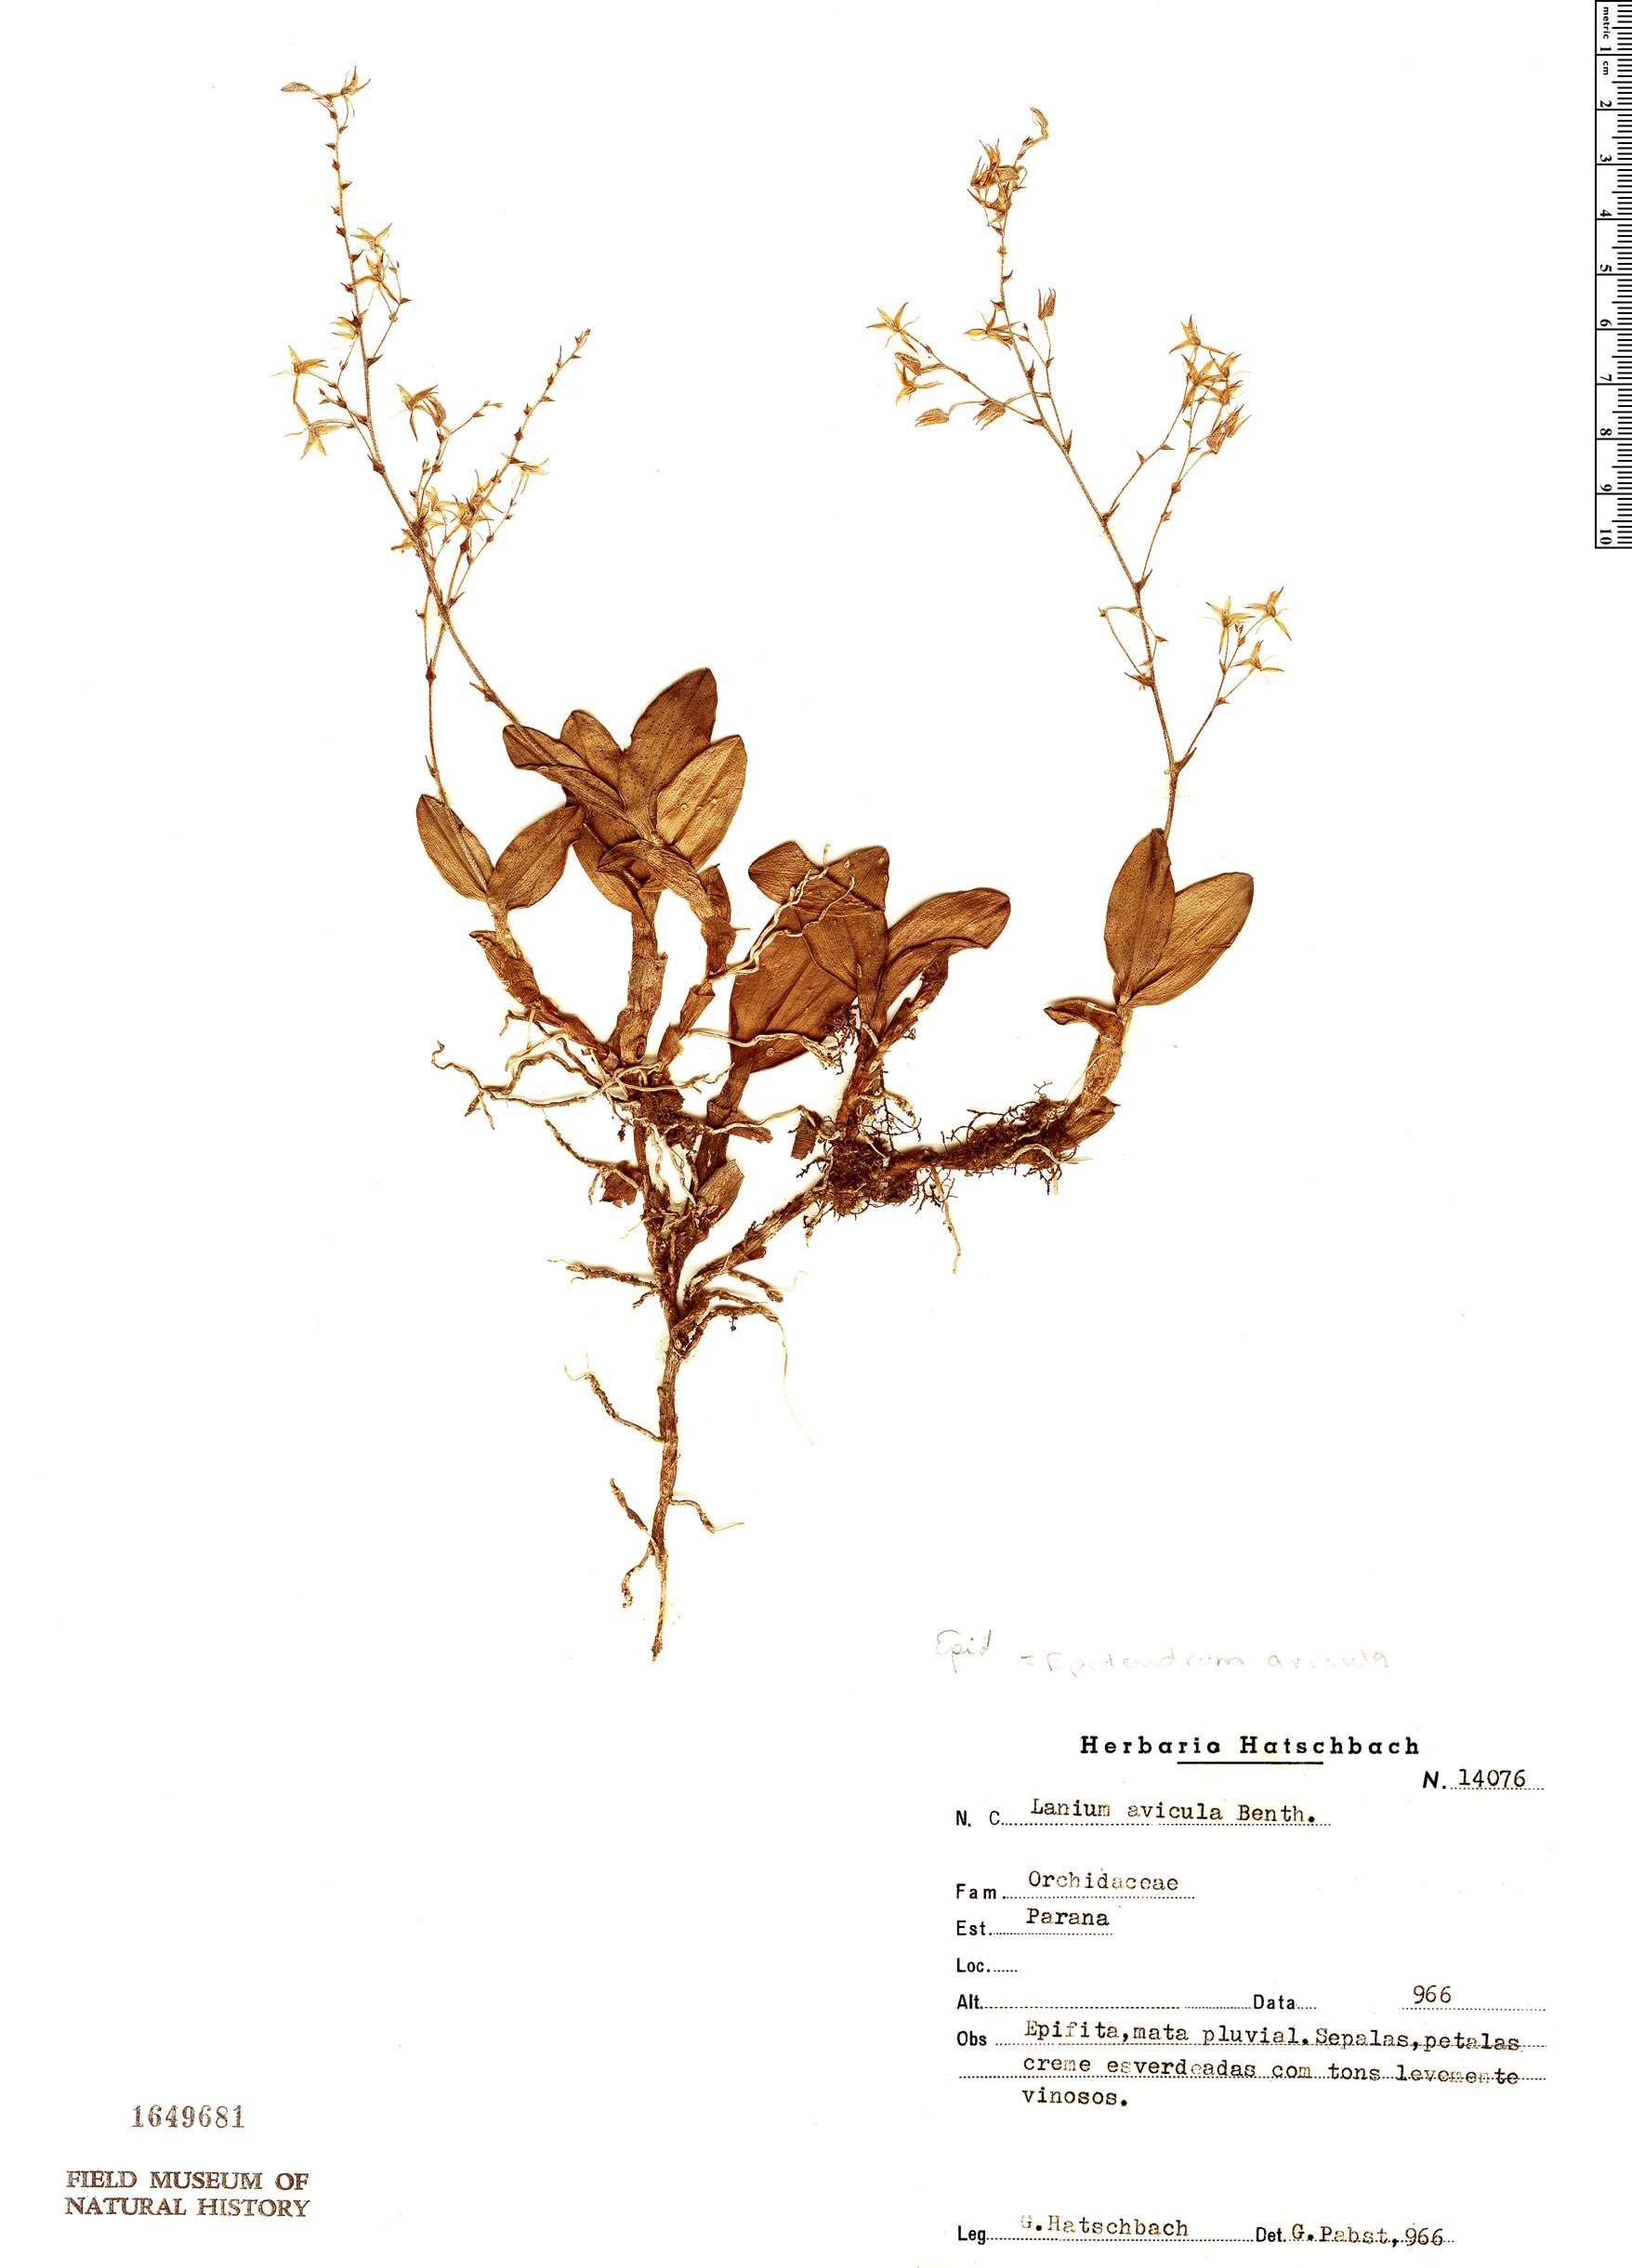 Specimen: Epidendrum avicula